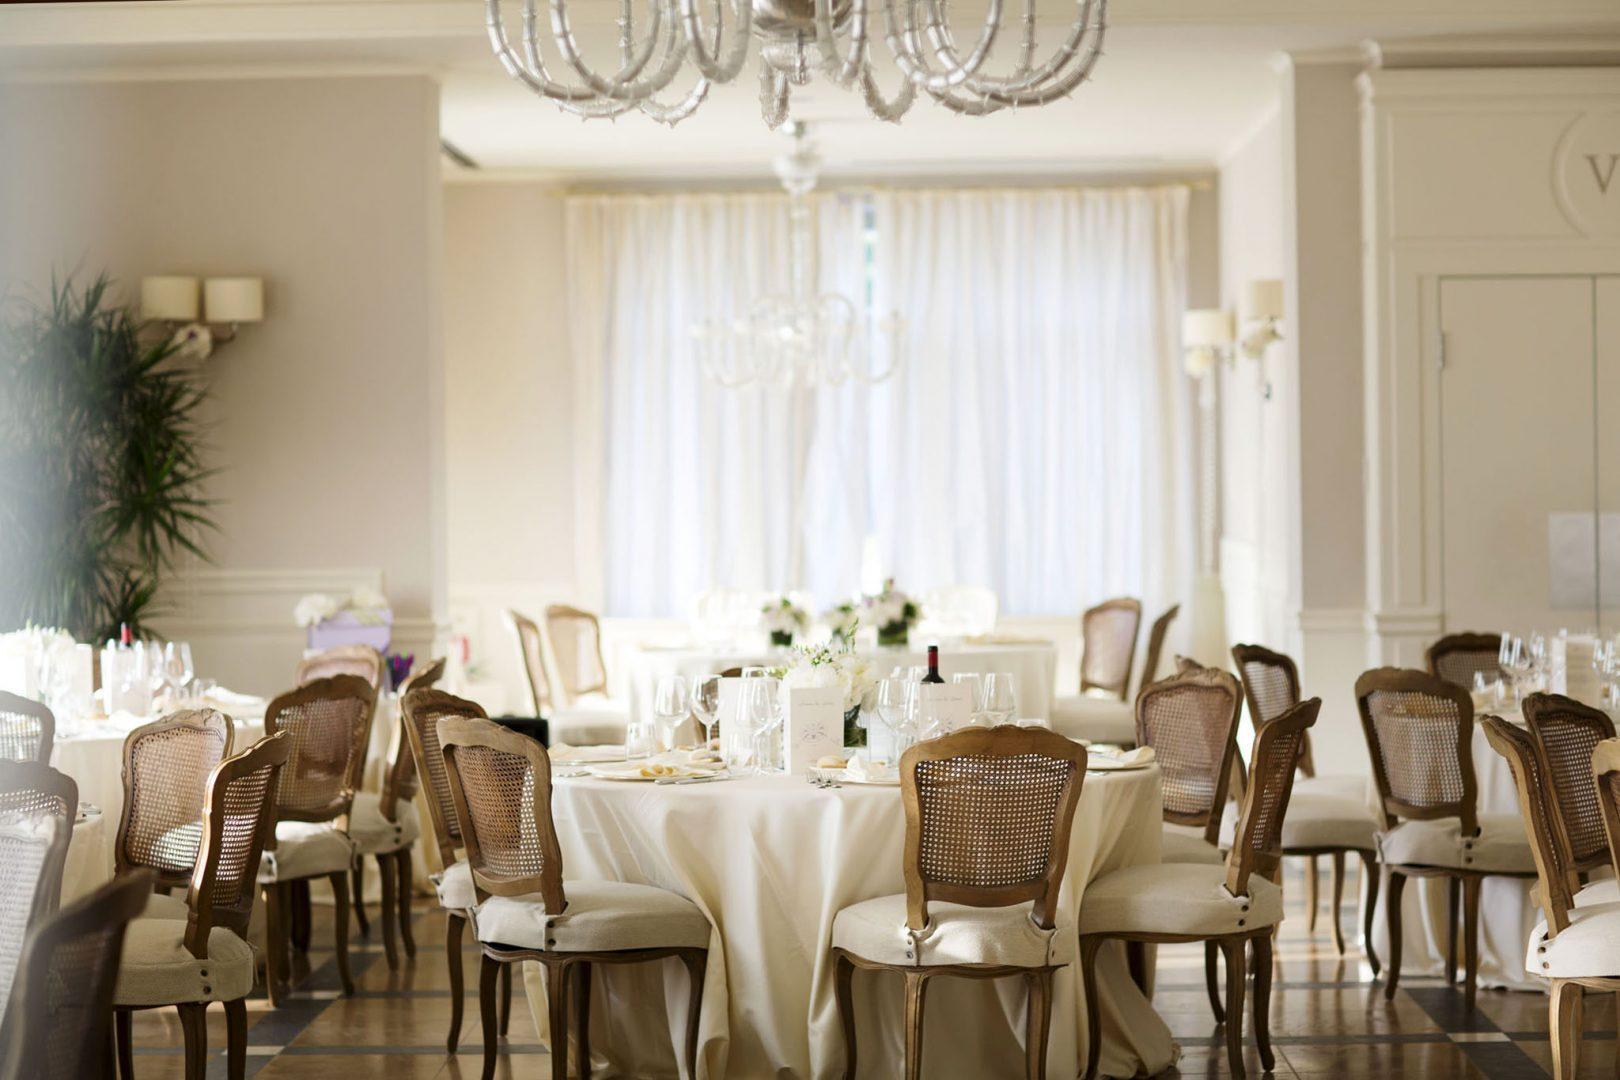 Fotografo Migliori Matrimoni a Milano Reportage di Nozze in Stile Fotogiornalistico a Villa Necchi